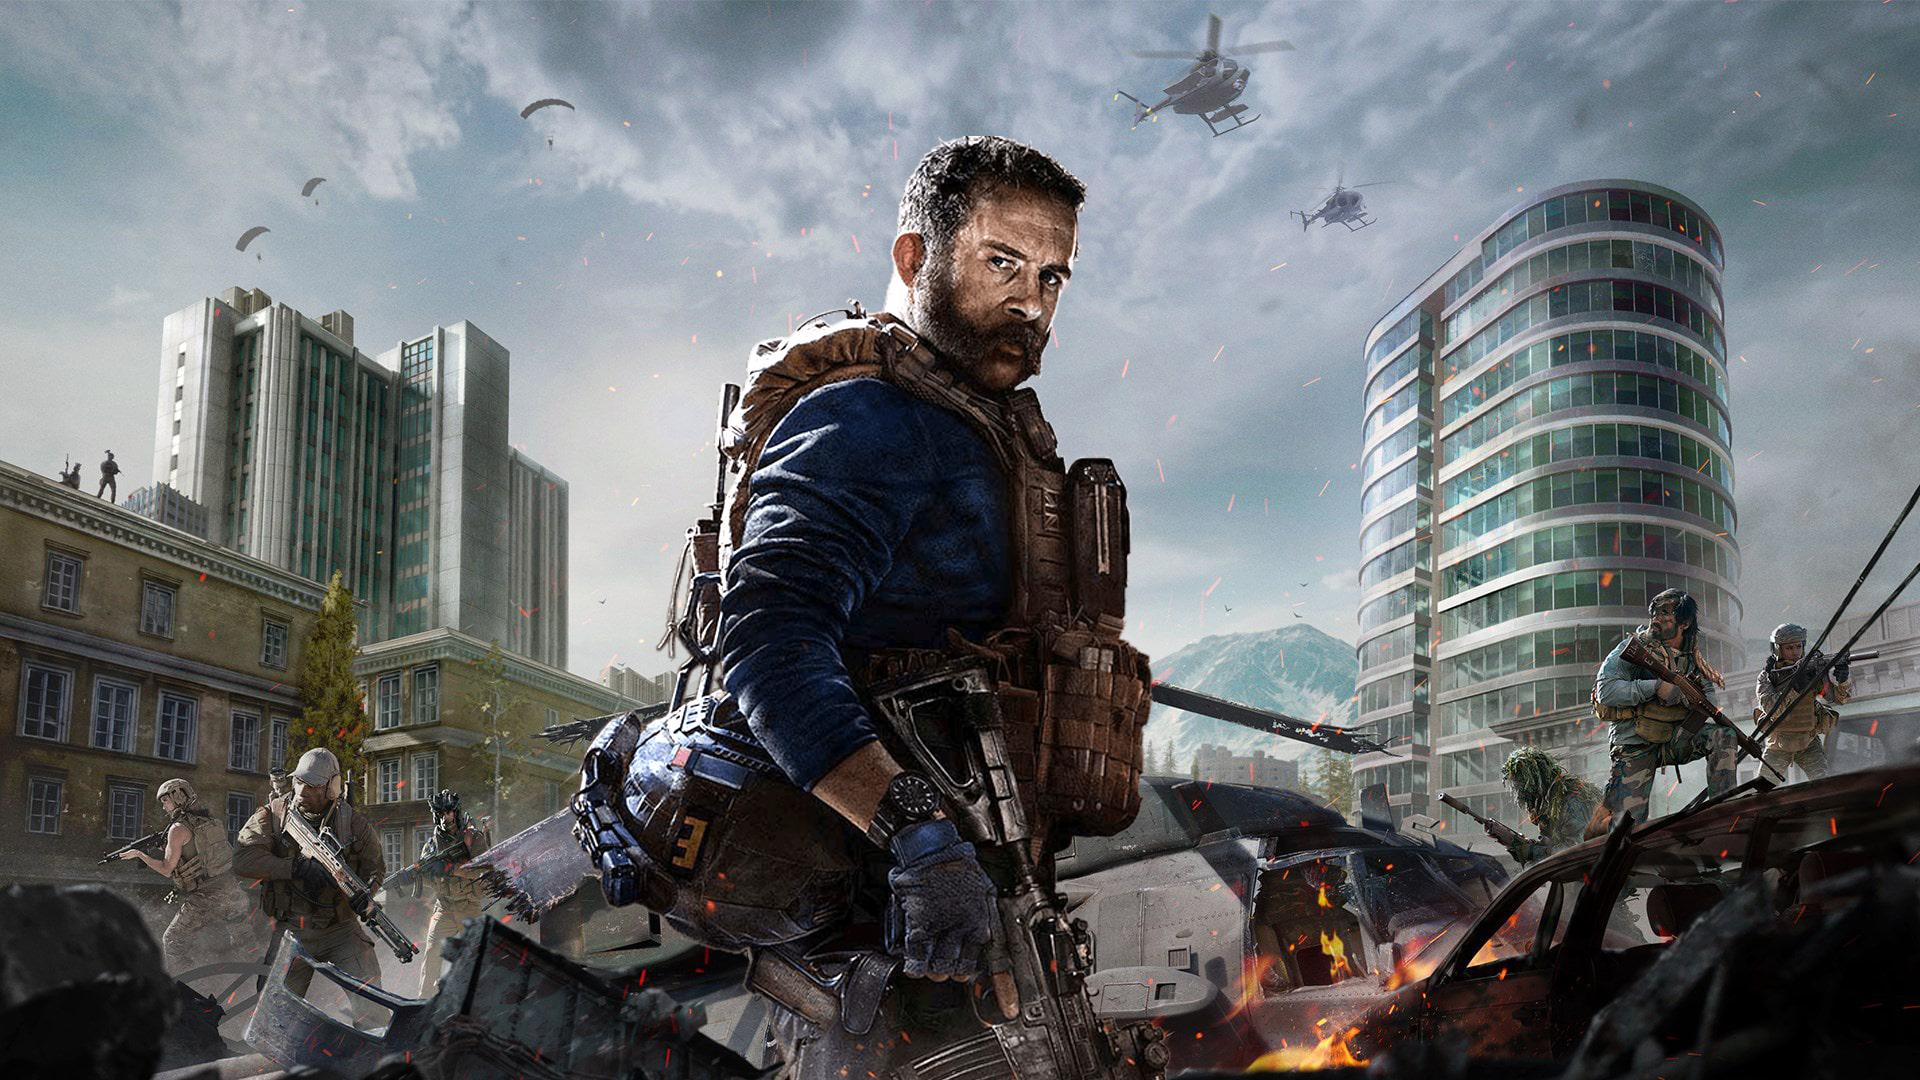 Temporada 4 de Call of Duty Warzone y Modern Warfare. Todo lo que sabemos: nuevos mapas, armas y operadores. - HobbyConsolas Juegos